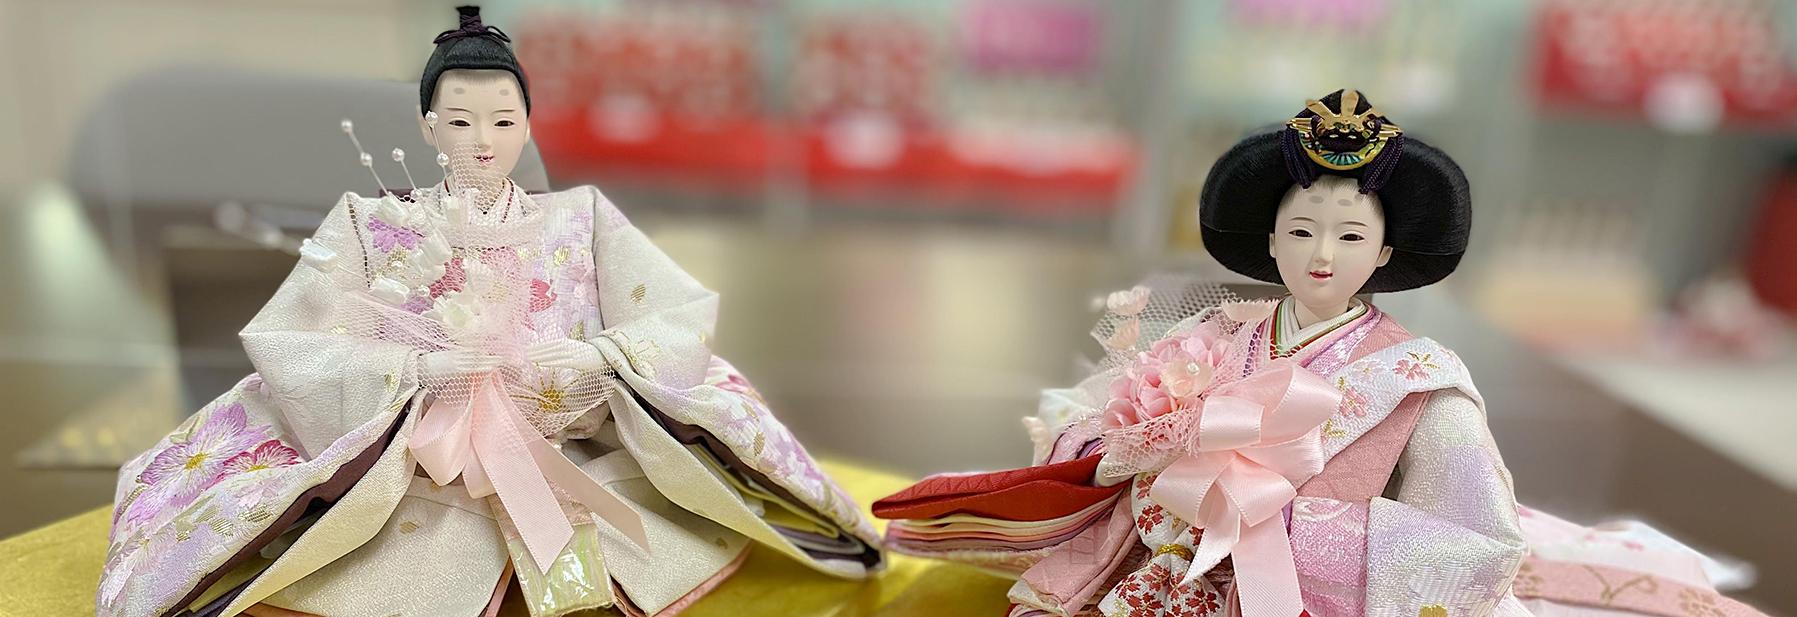 雛人形、日本人形のことならさいたま市の新世人形株式会社